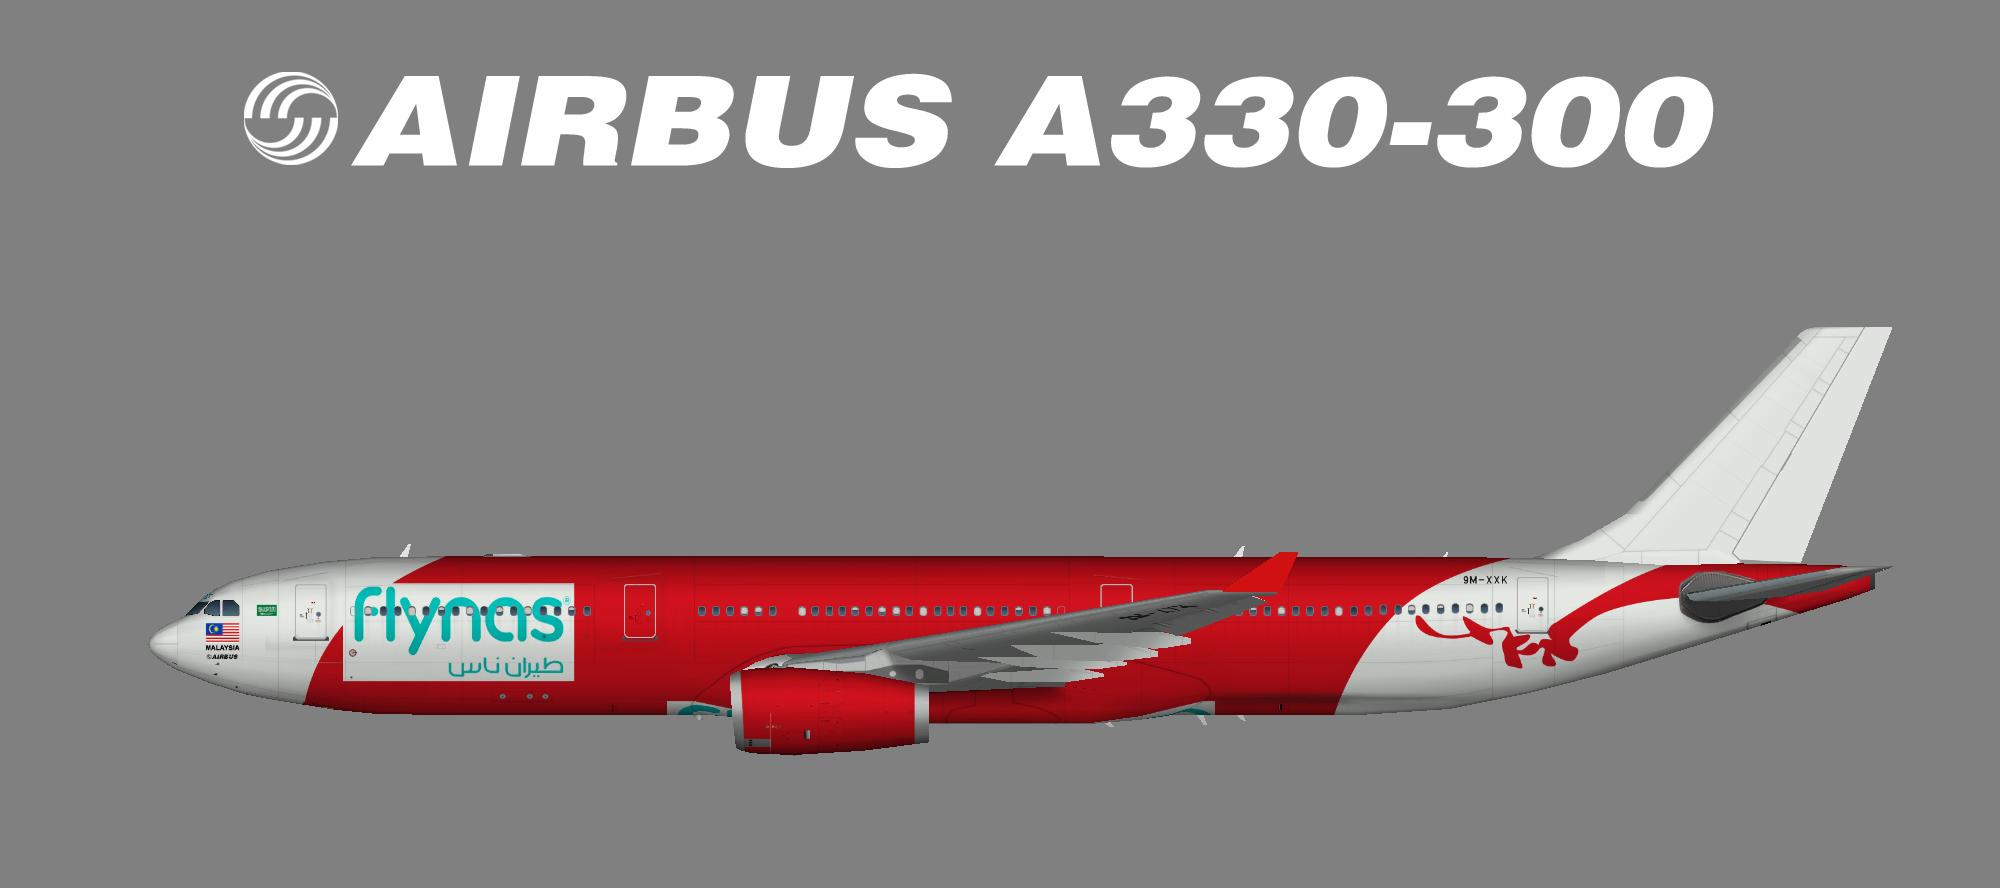 flynas A330-300